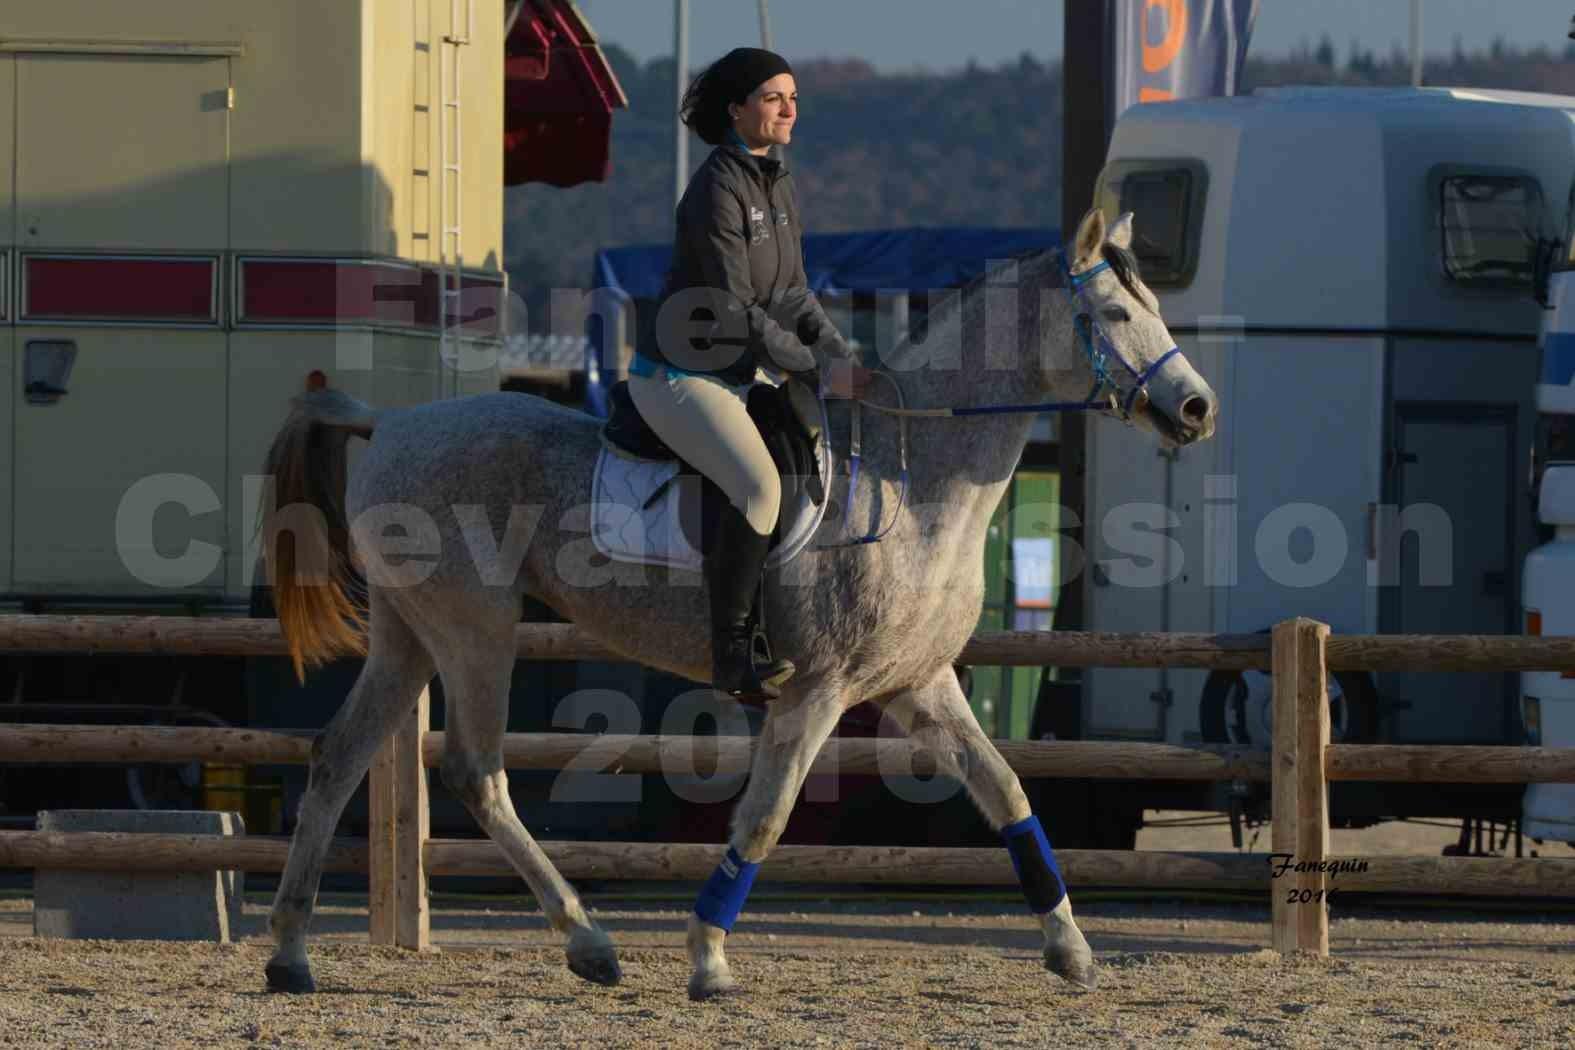 Cheval Passion 2016 - Présentation extérieure de chevaux Arabes montés - 10